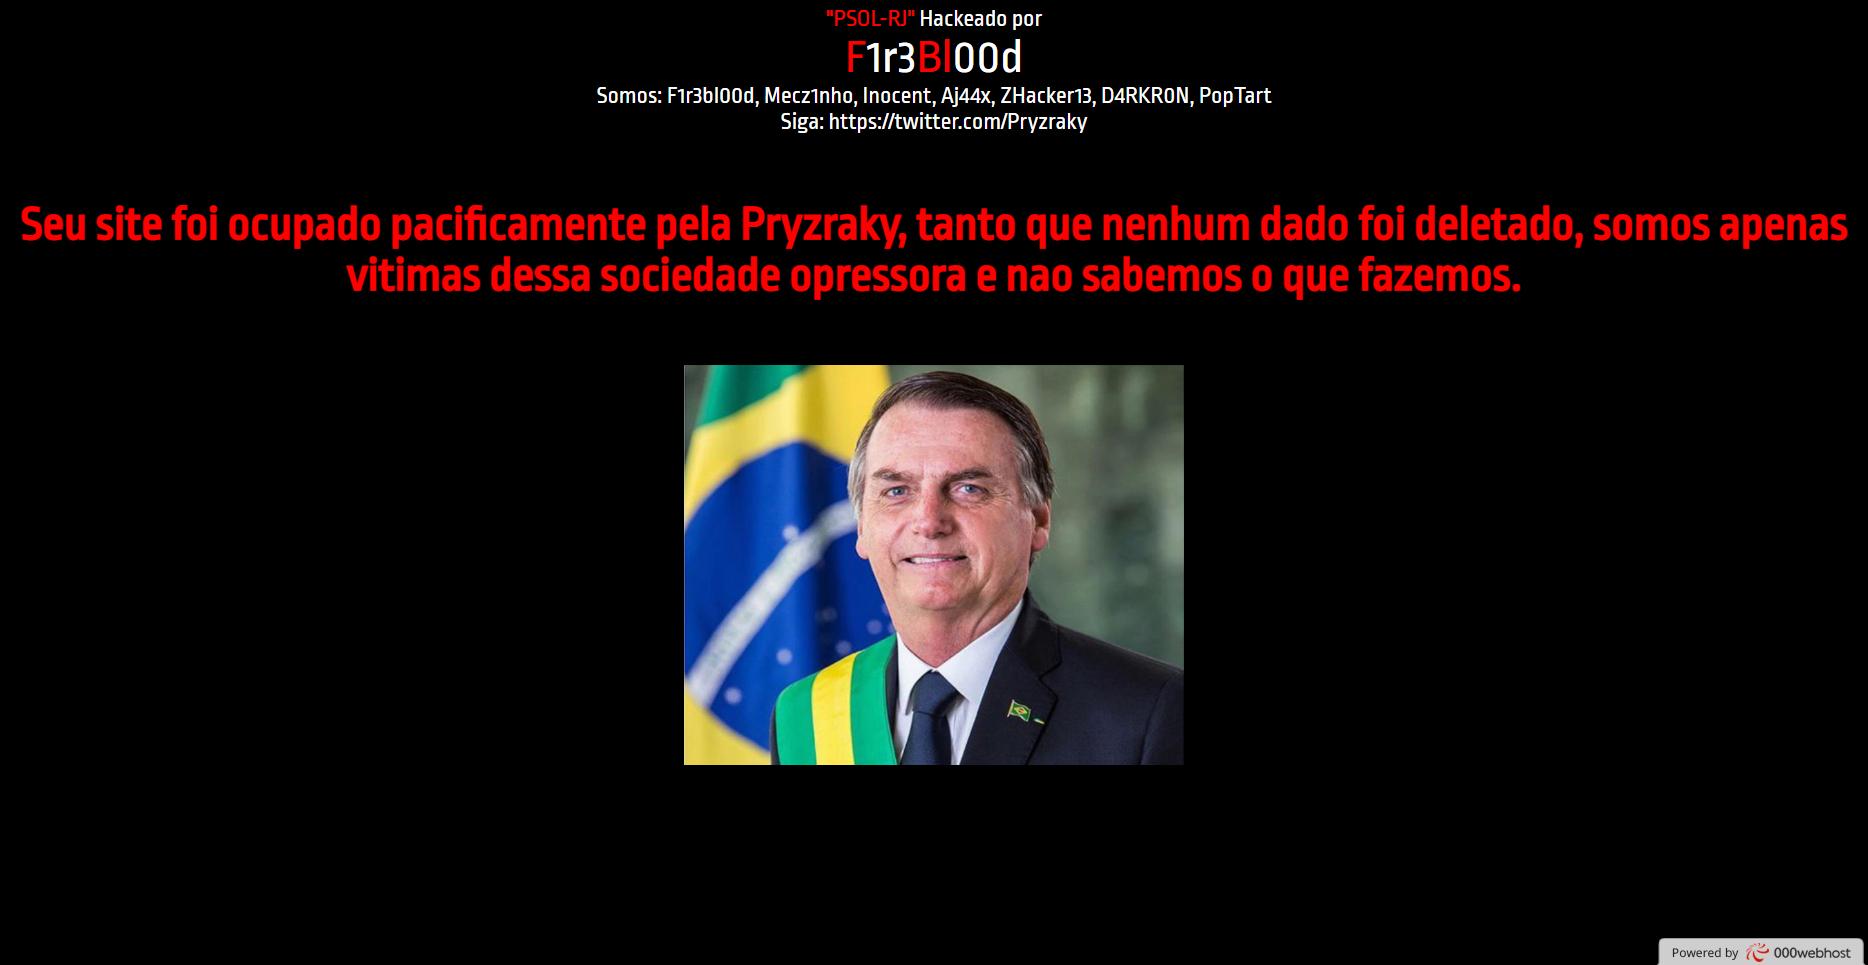 Hackers invadem site do PSOL-RJ e publicam foto de Jair Bolsonaro